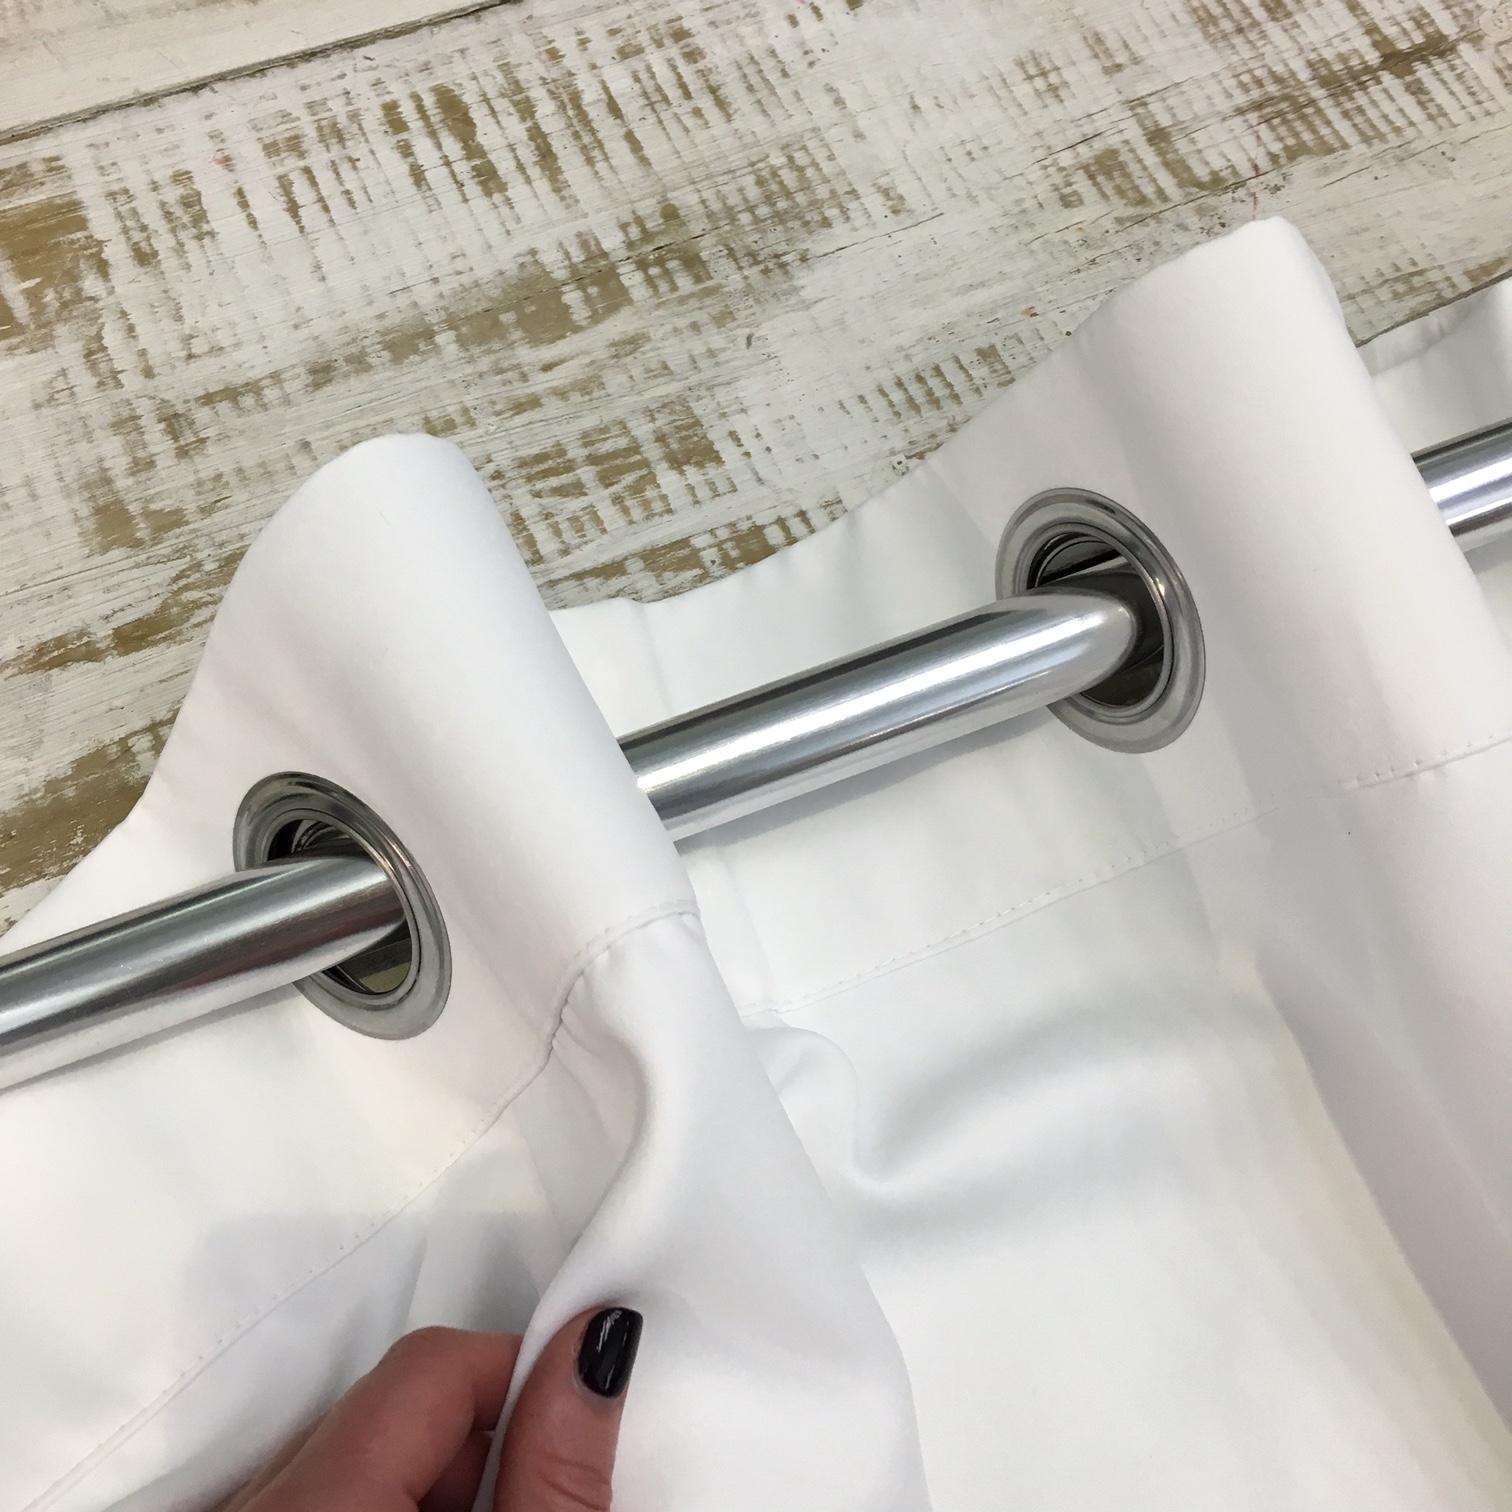 STEP 4 - Thread a single curtain pole through both eyelets as usual.